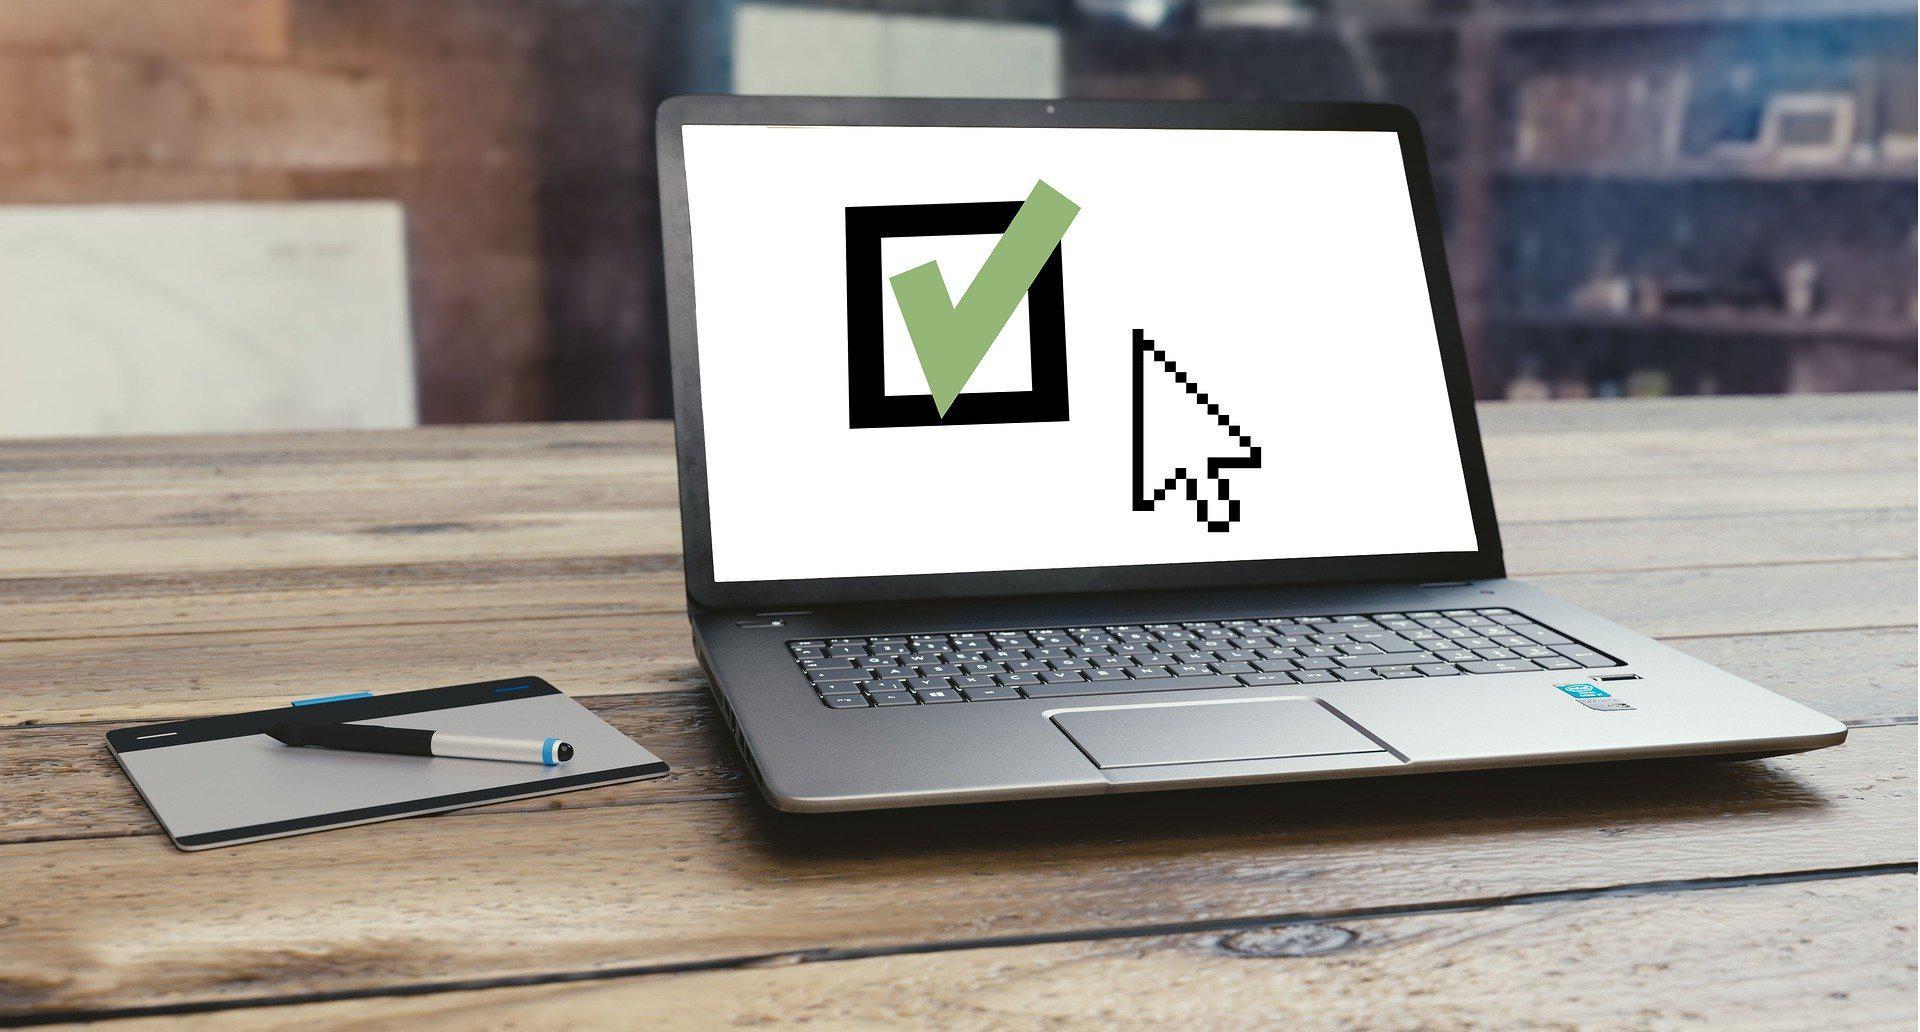 Ответственность за достоверность подаваемых для регистрации сведений о юрлице несет сам заявитель